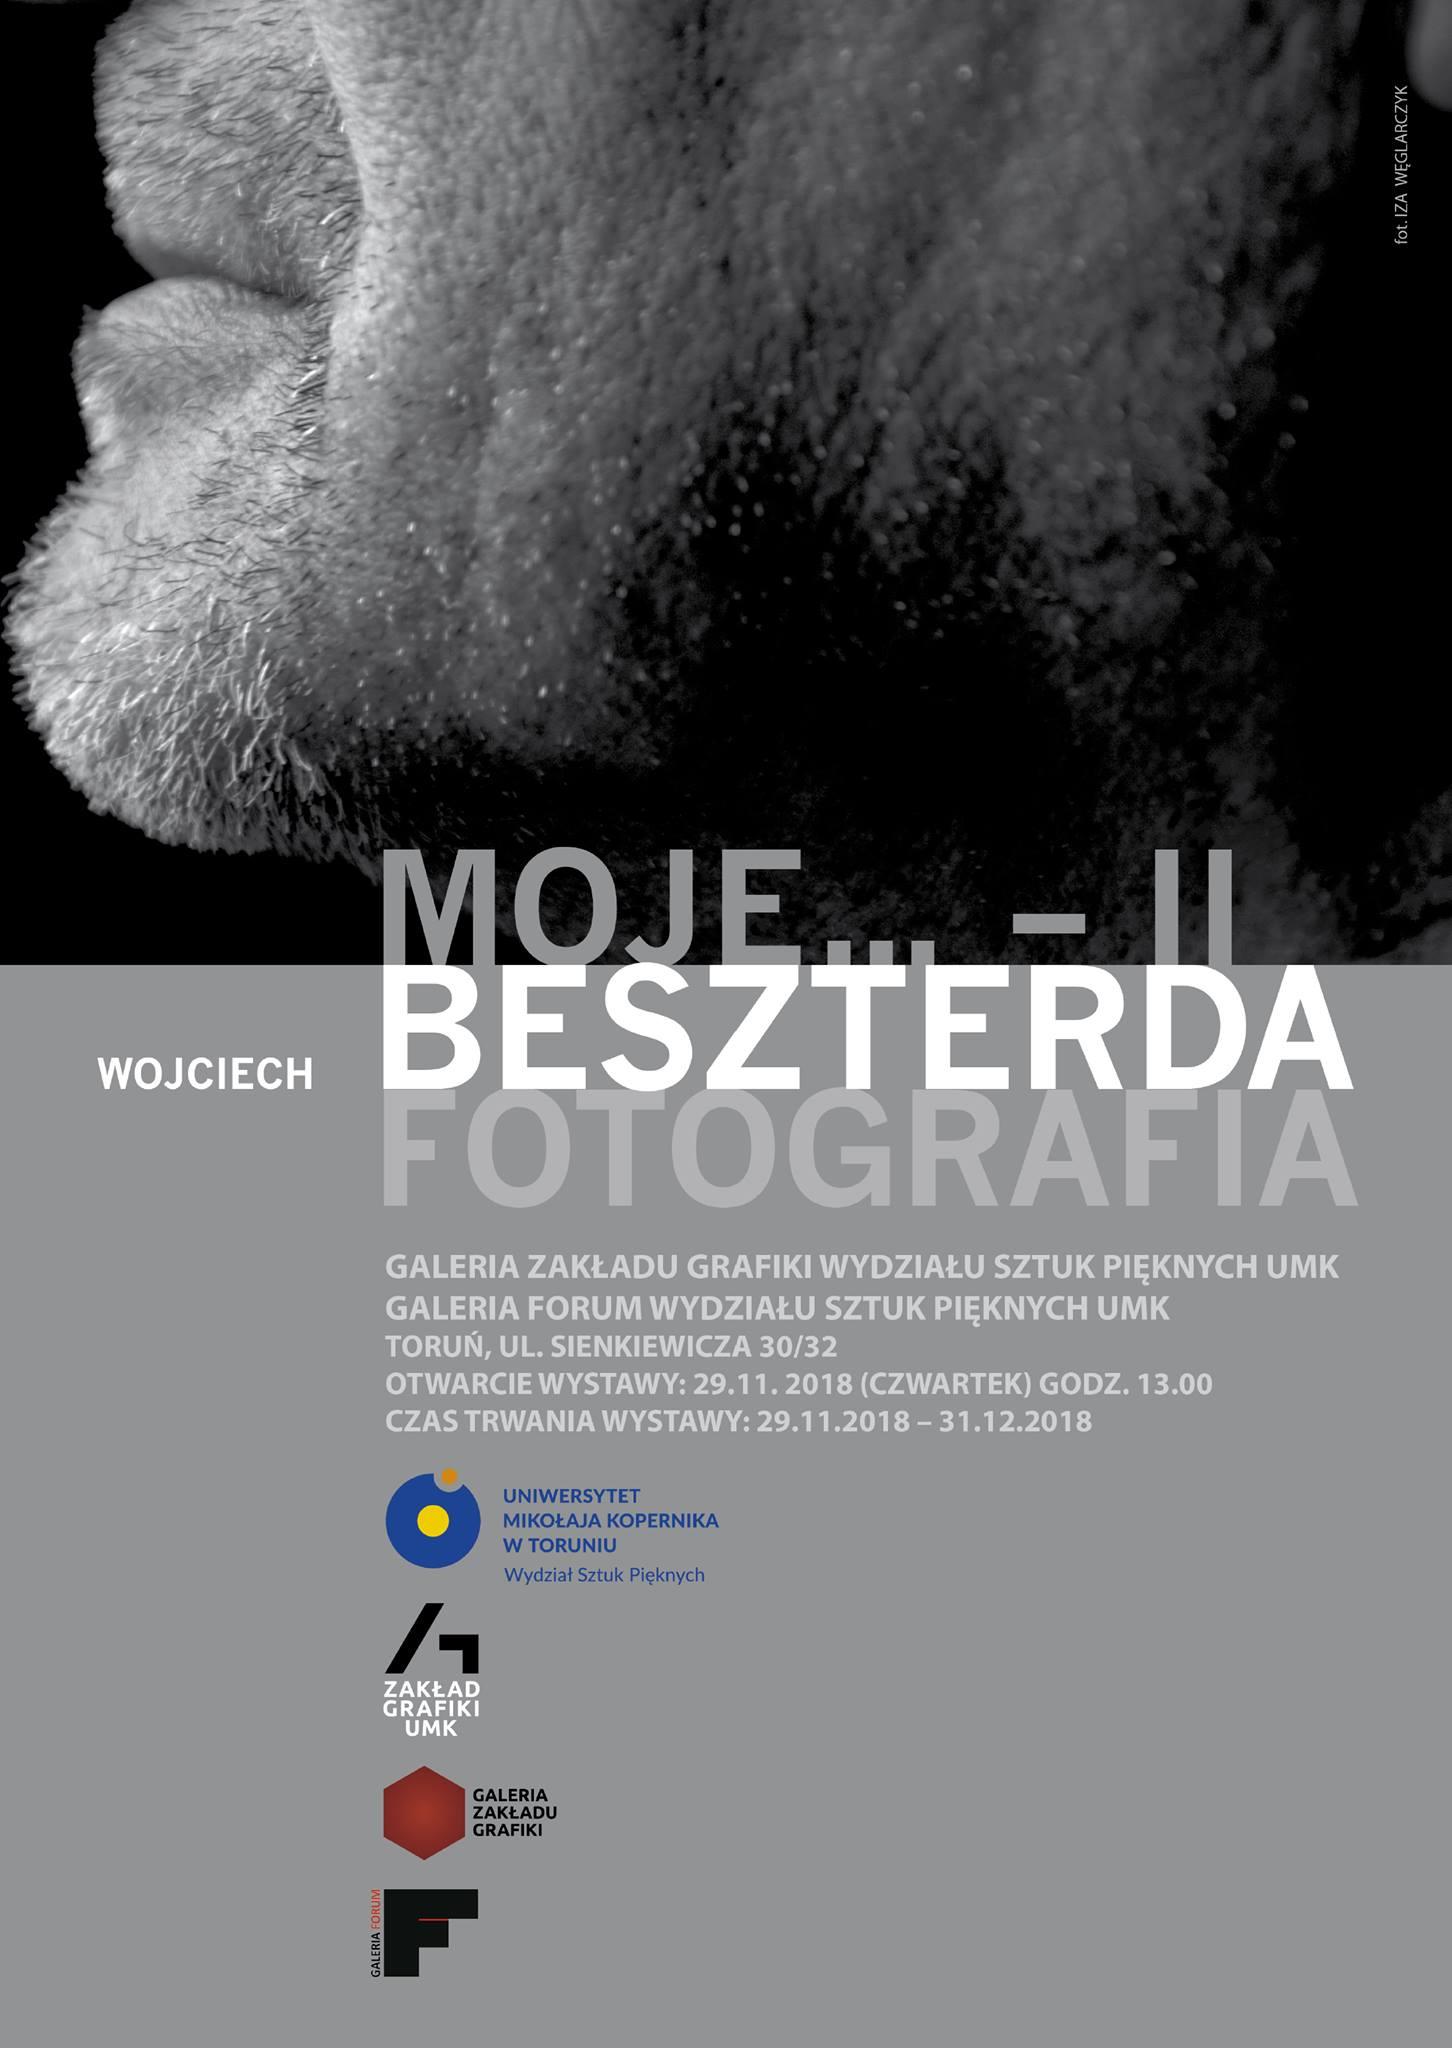 Wojciech Beszterda 2